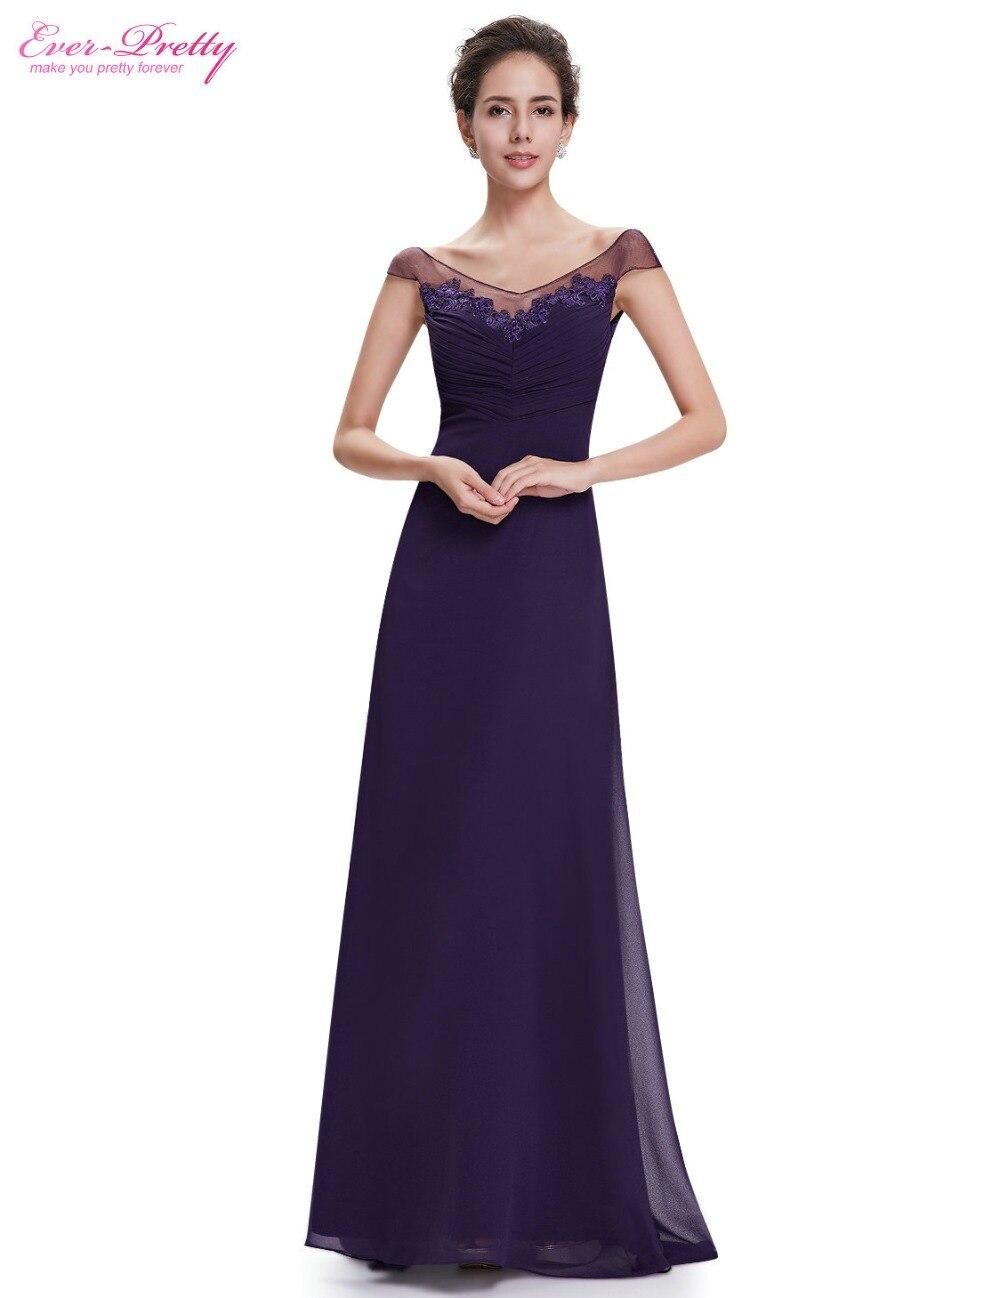 где можно купить кружева для платья